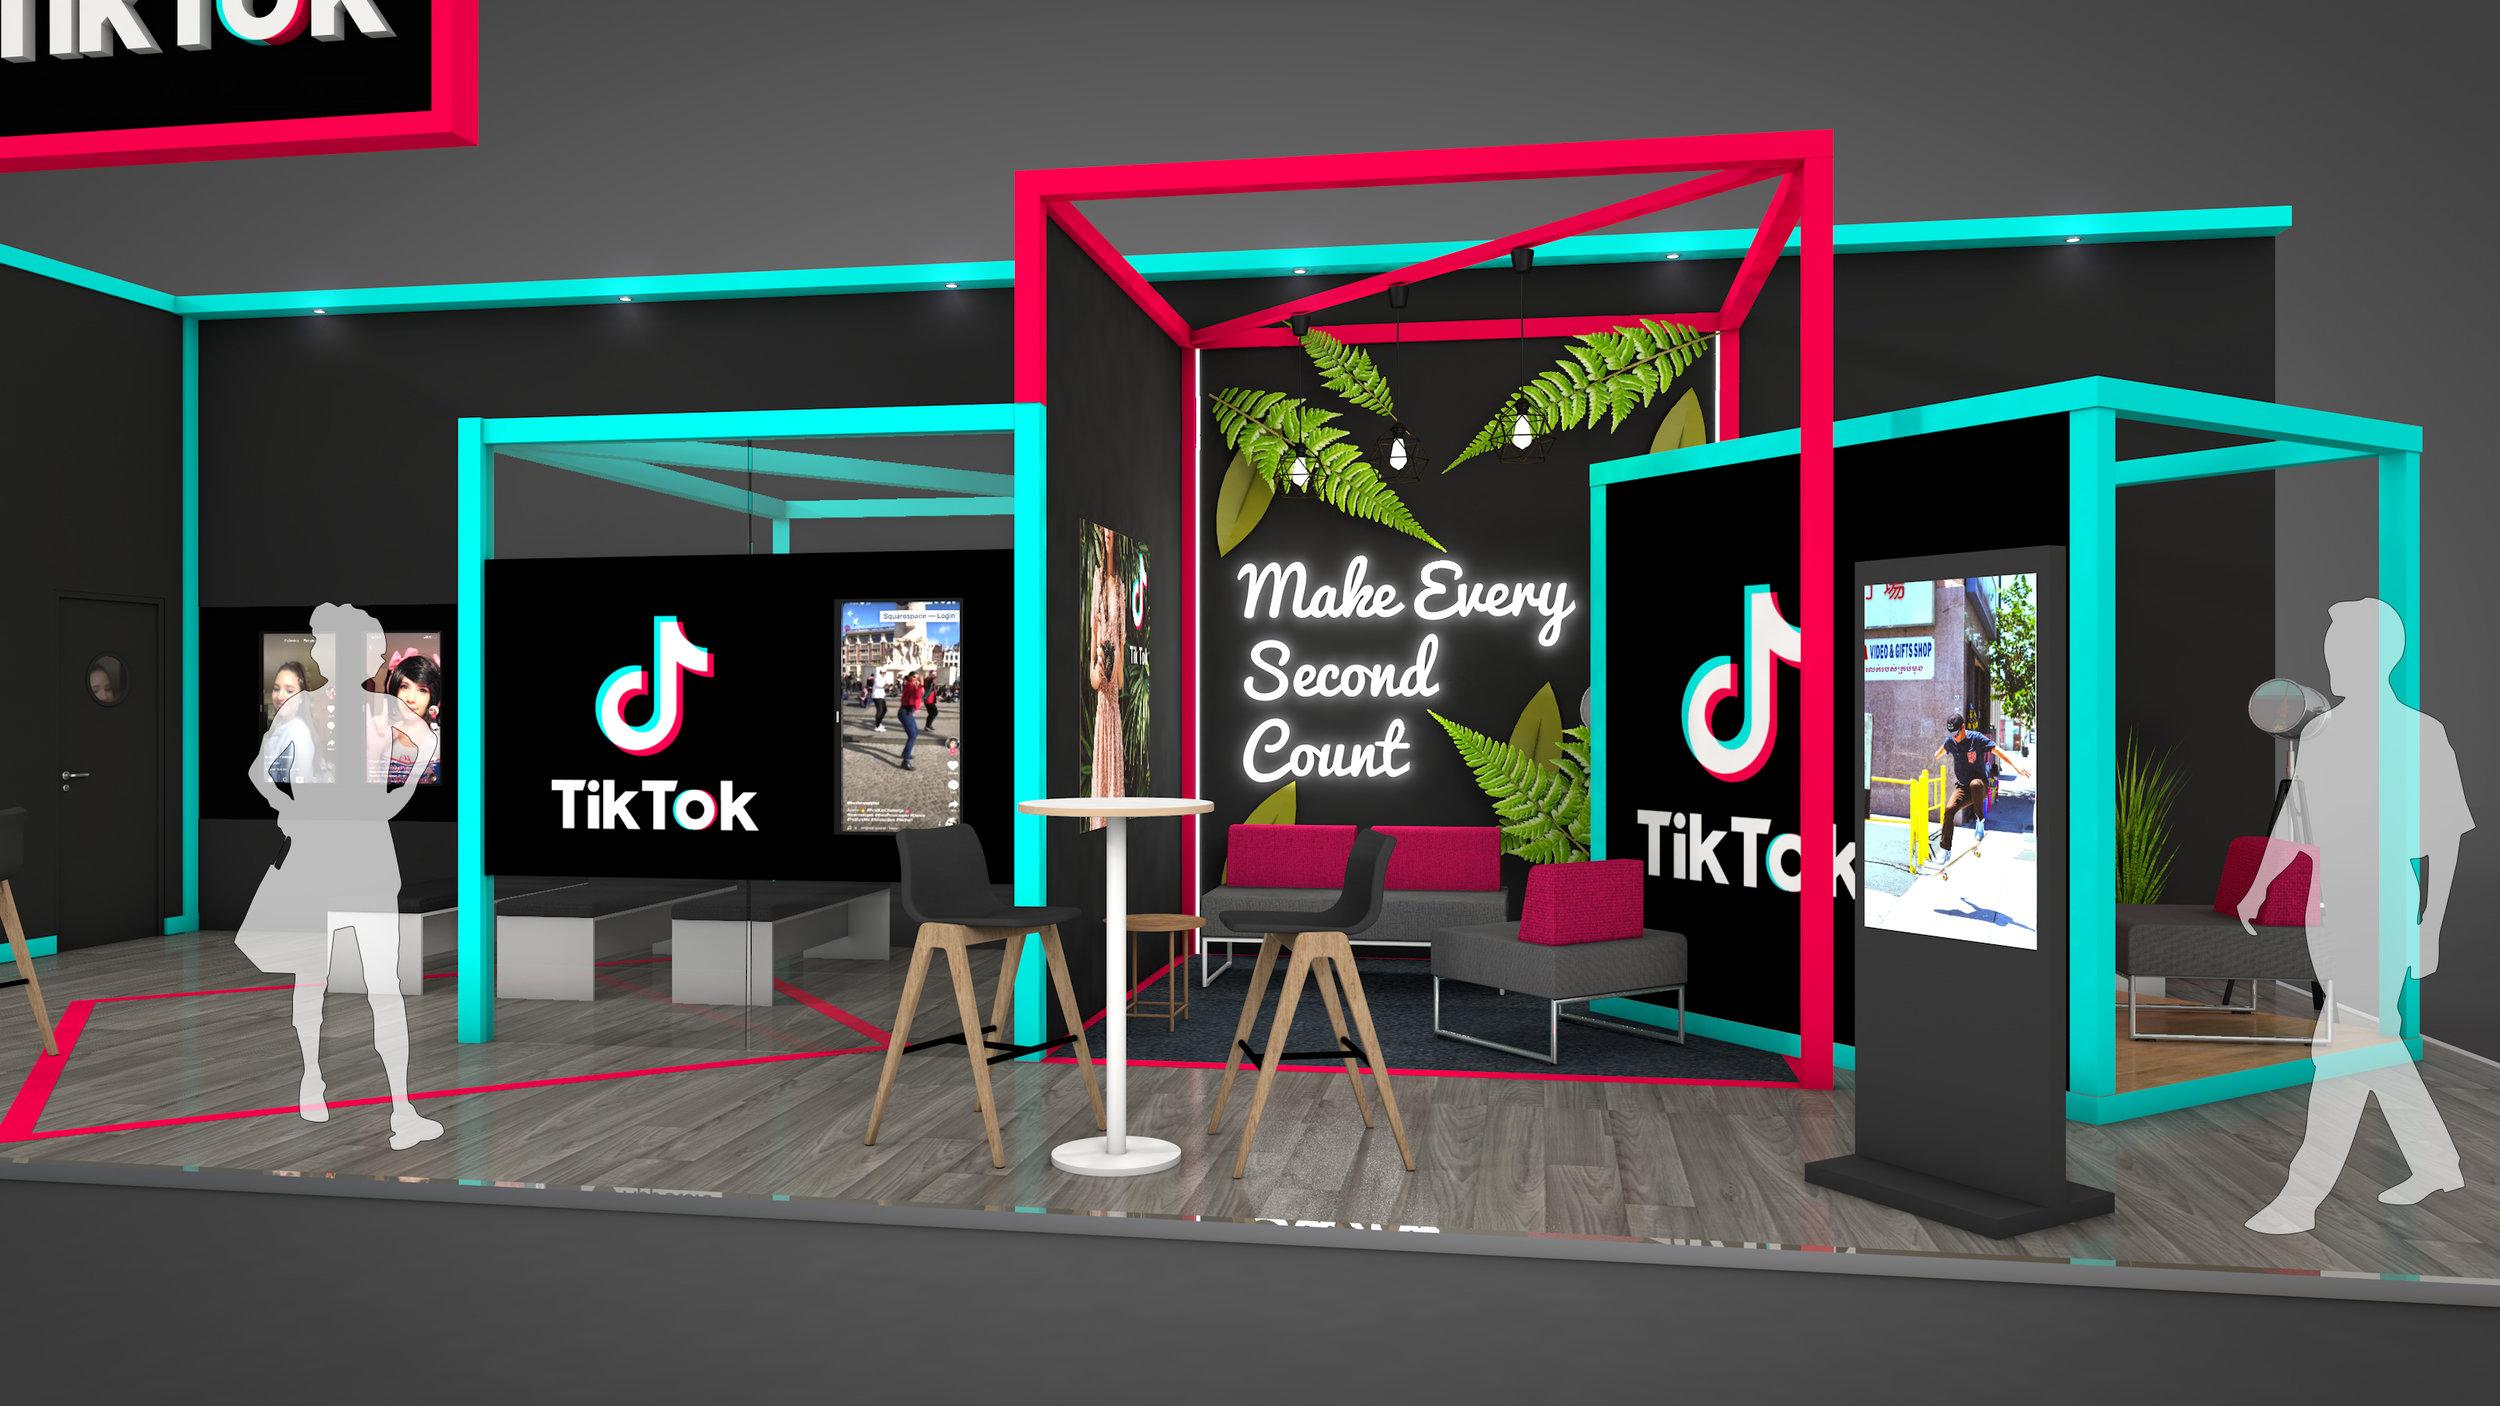 TikTok Exhibition Stand